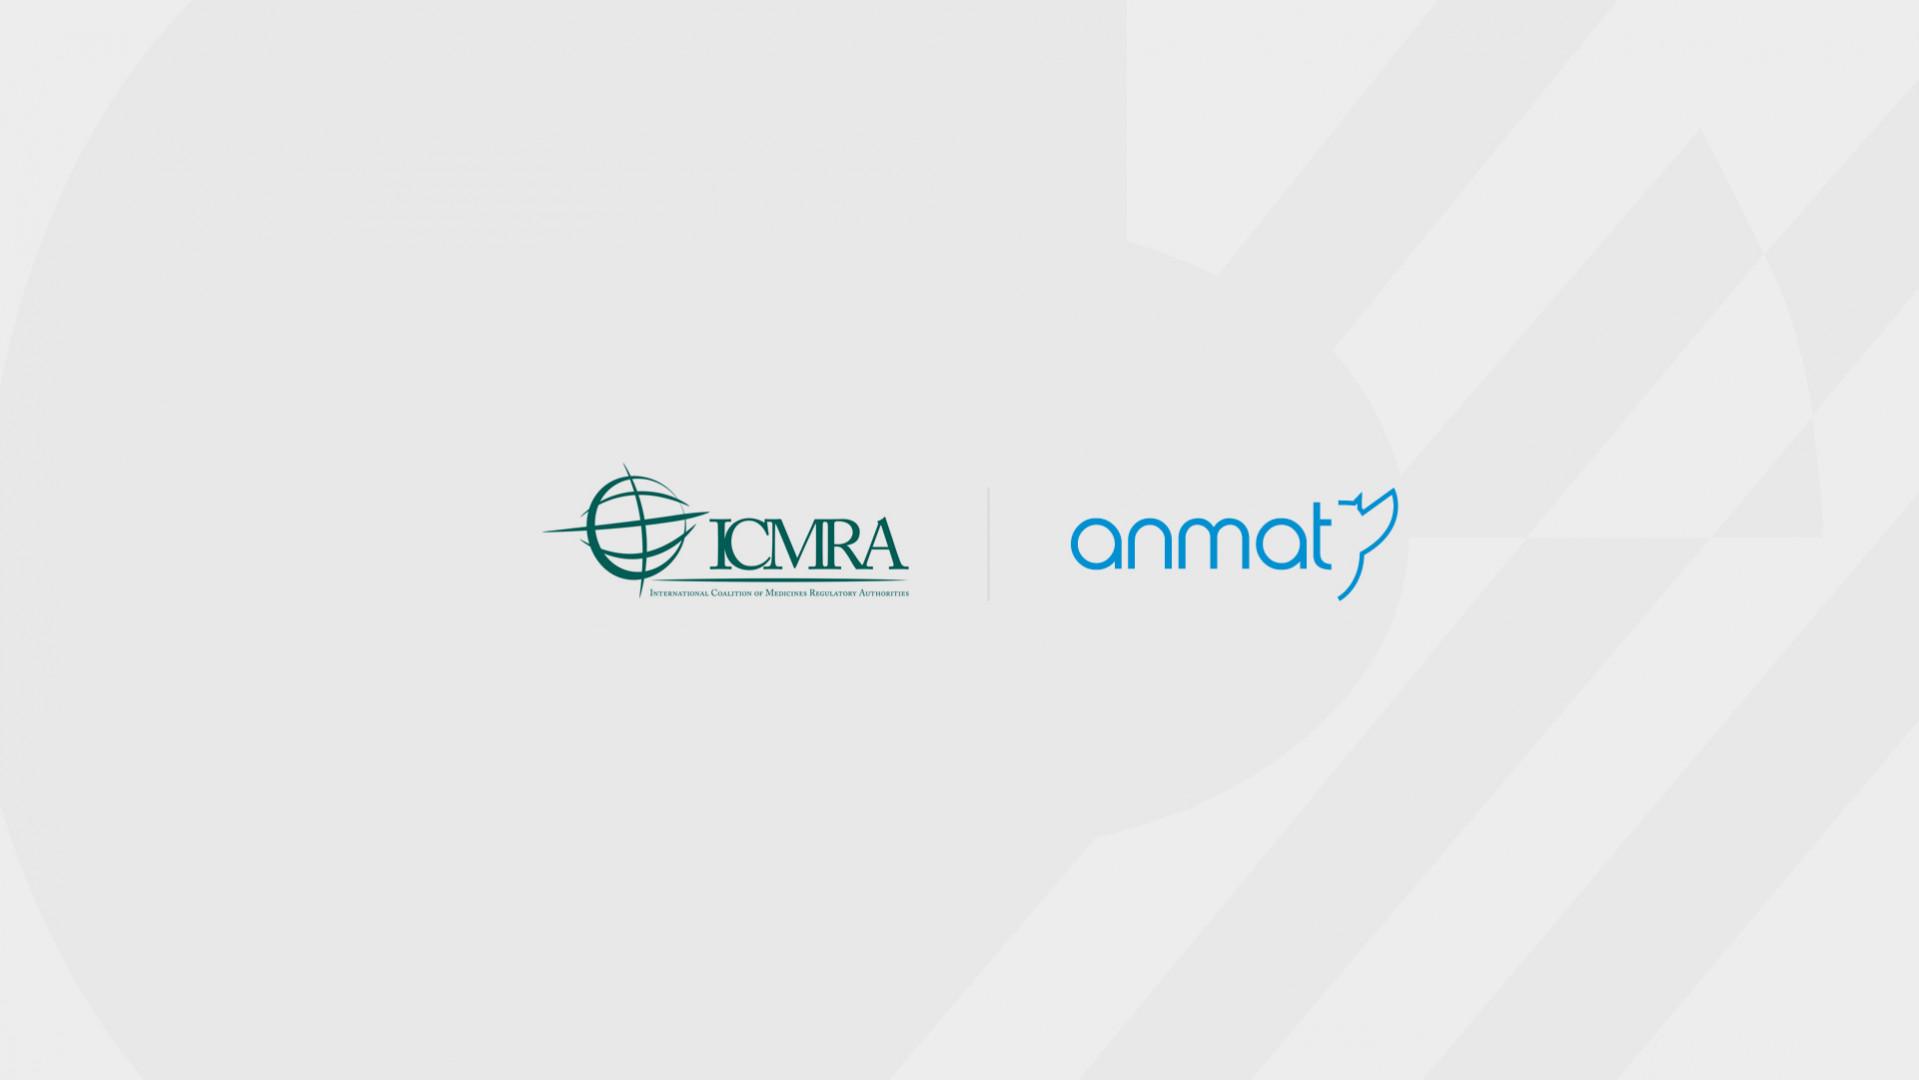 ANMAT reconocida como miembro asociado de ICMRA | Argentina.gob.ar